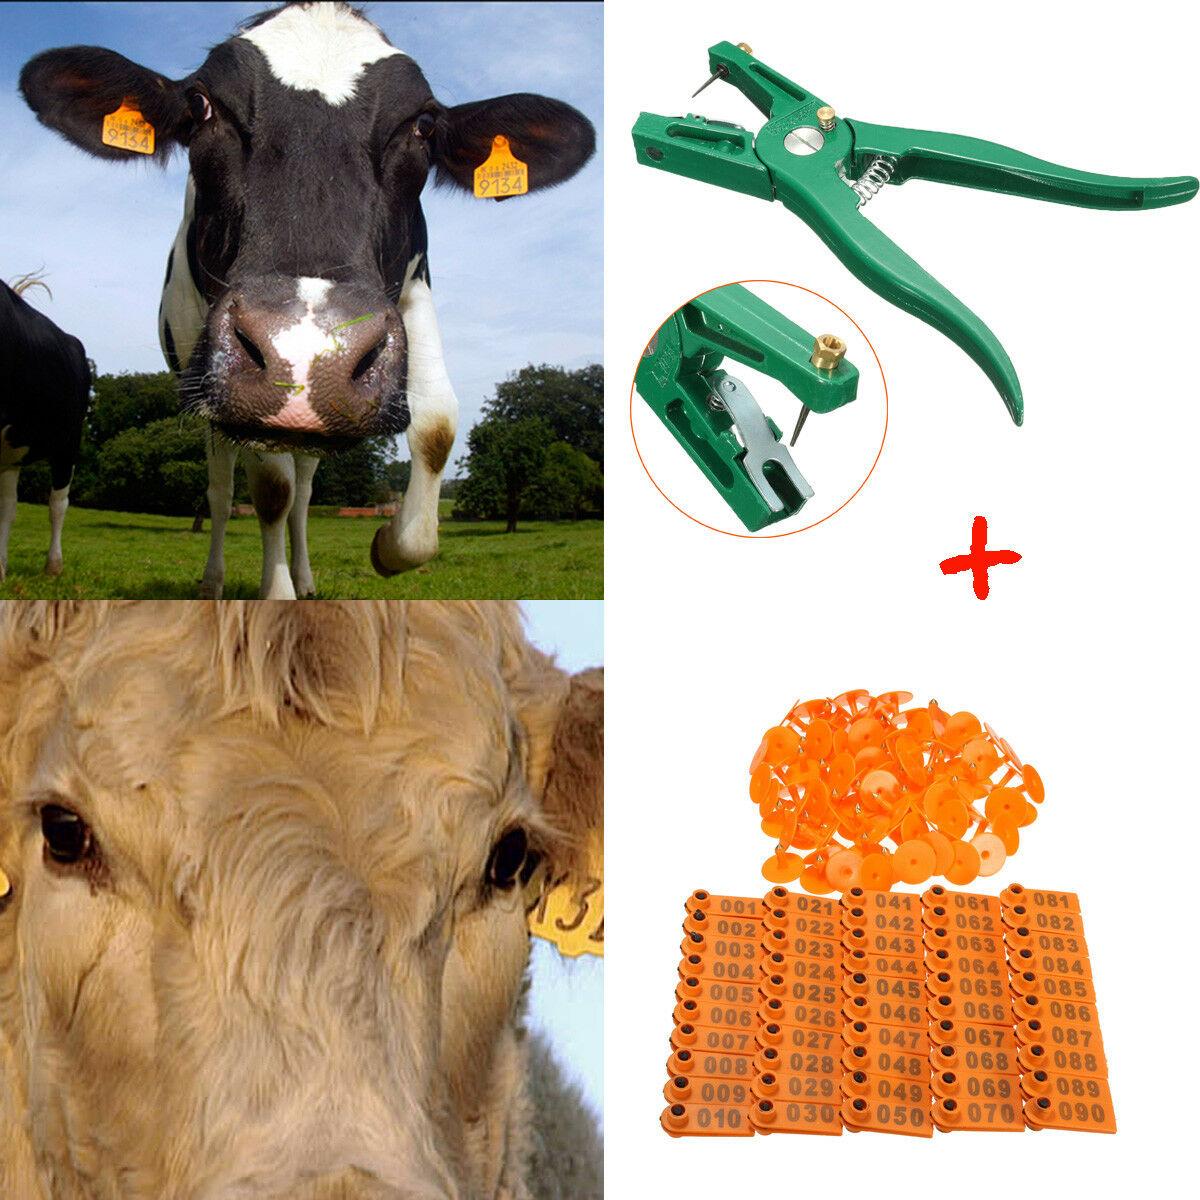 Tagger Tag pince 100 pièces ensemble étiquettes d'identification marquage applicateur perforateur alliage moniteur bovins mouton oreille Animal Durable